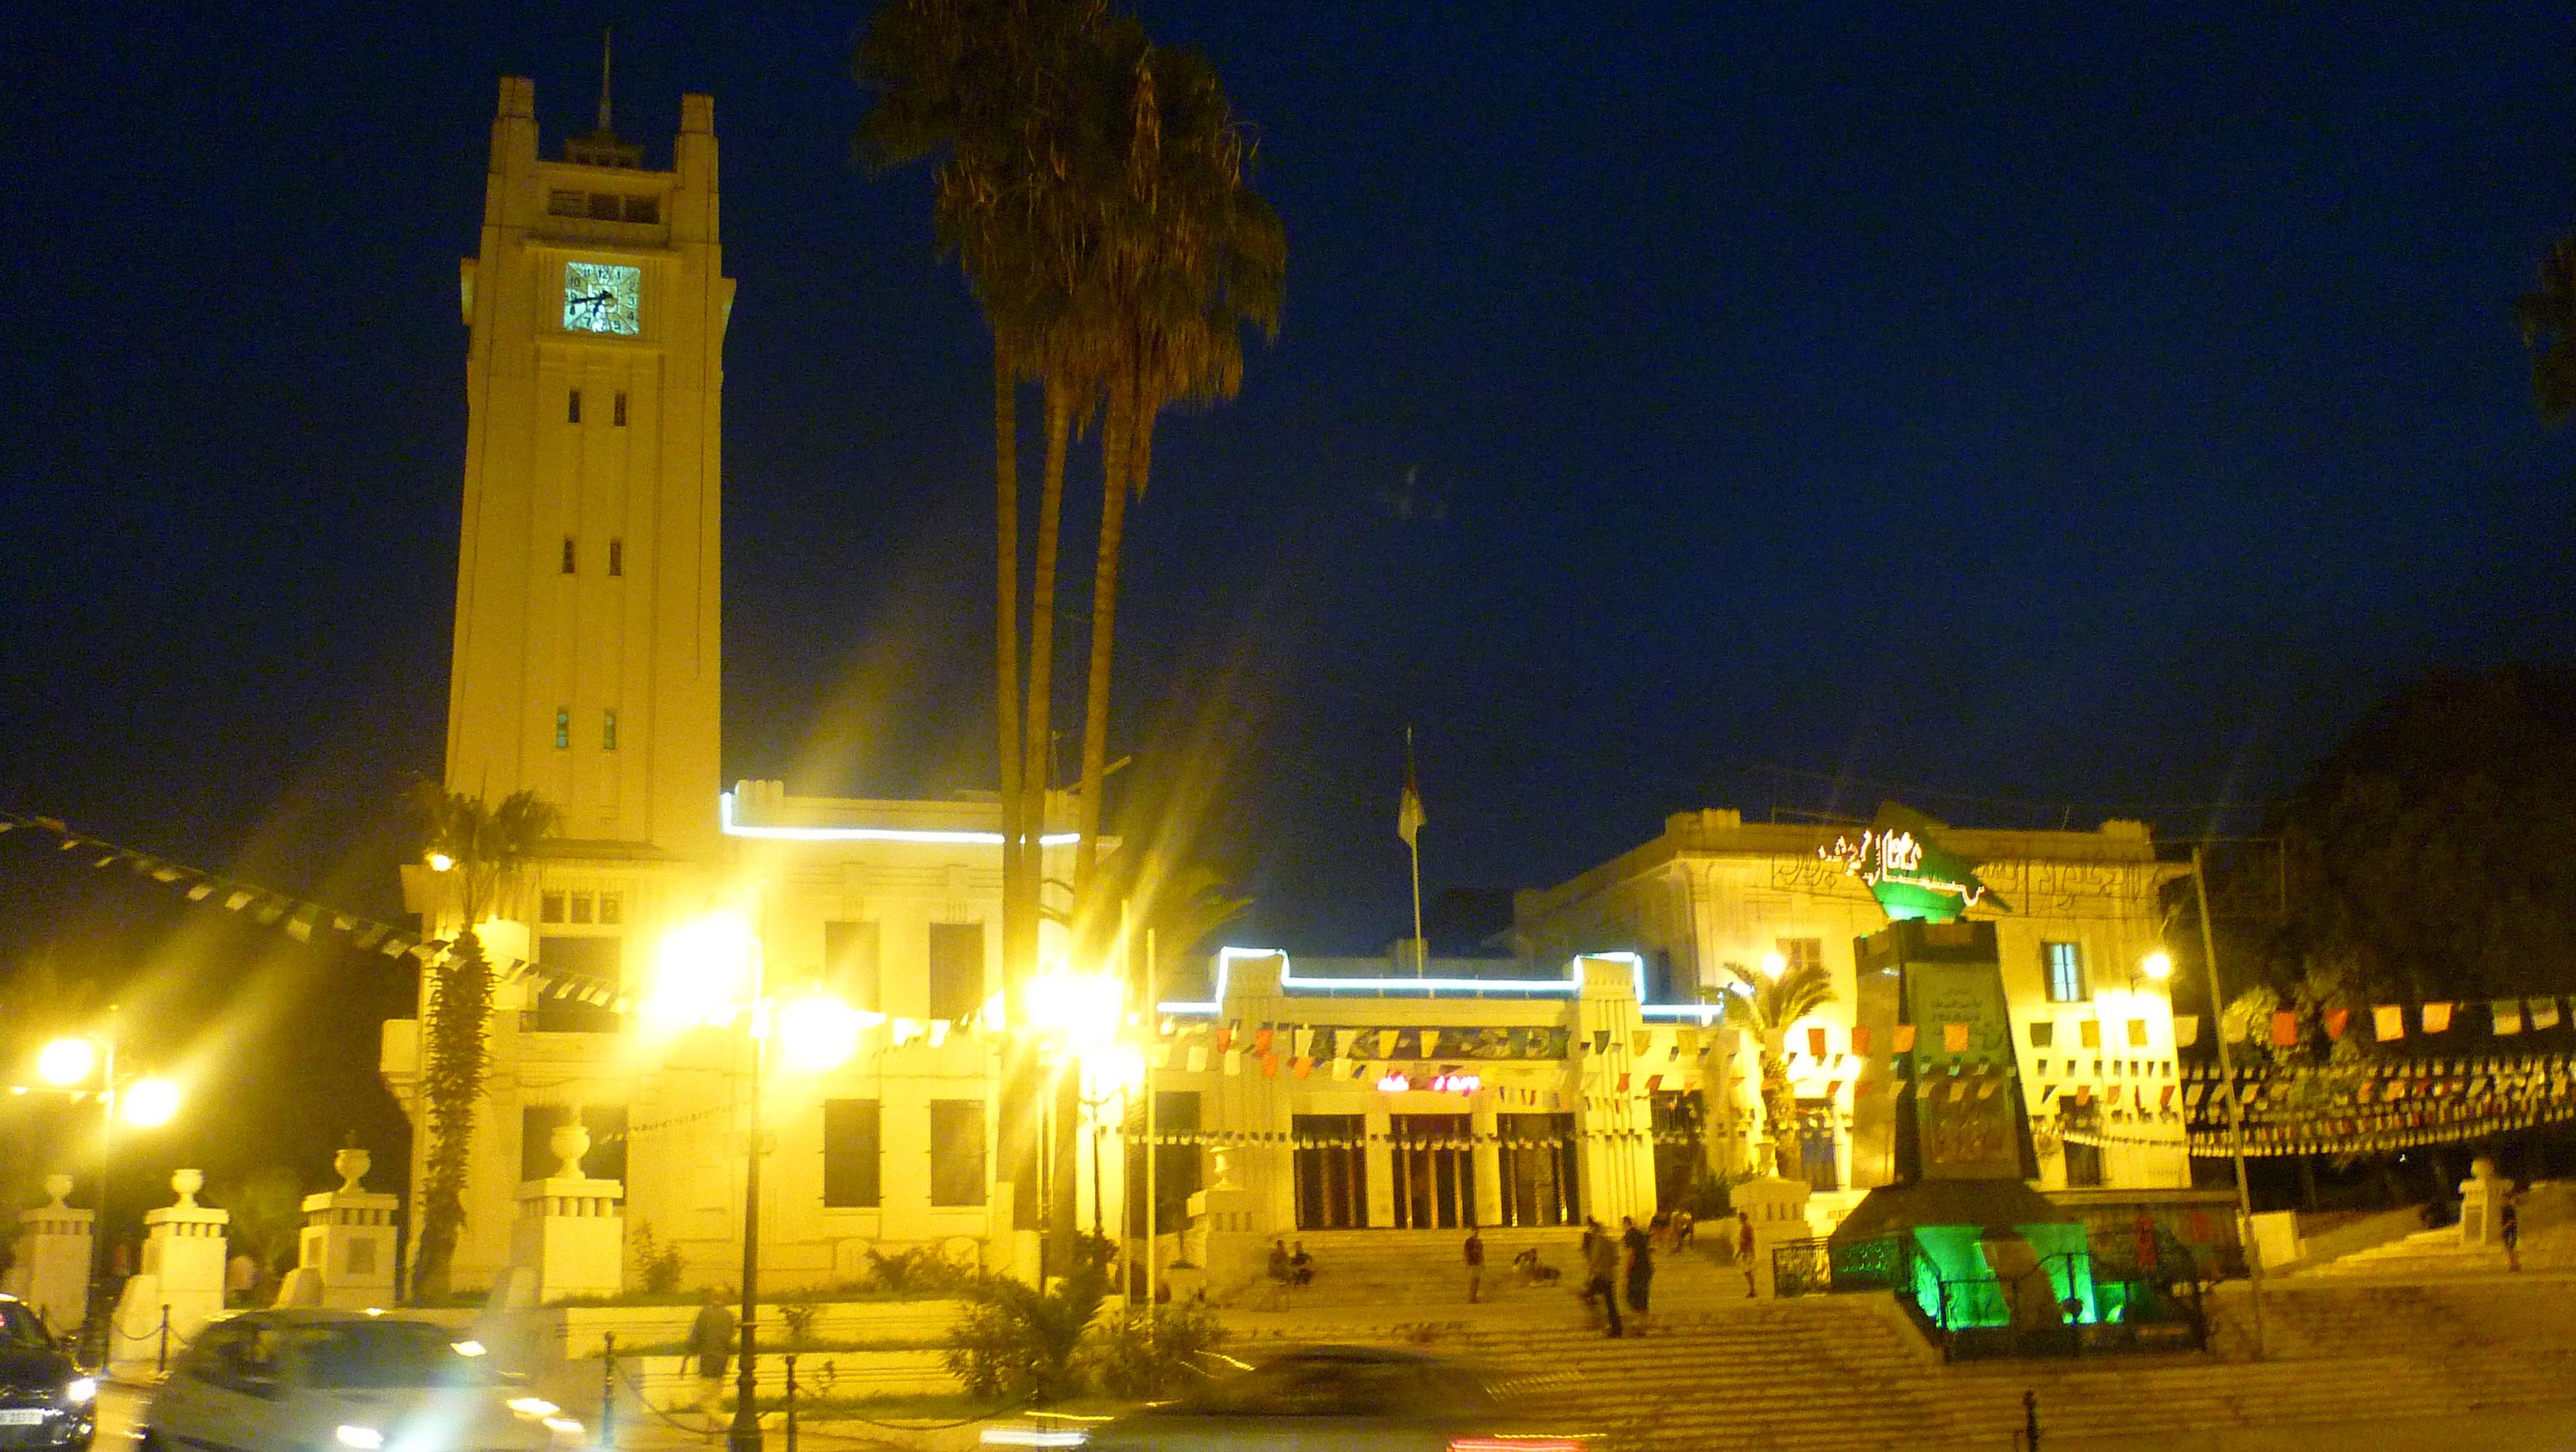 Mairie de mostaganem de nuit